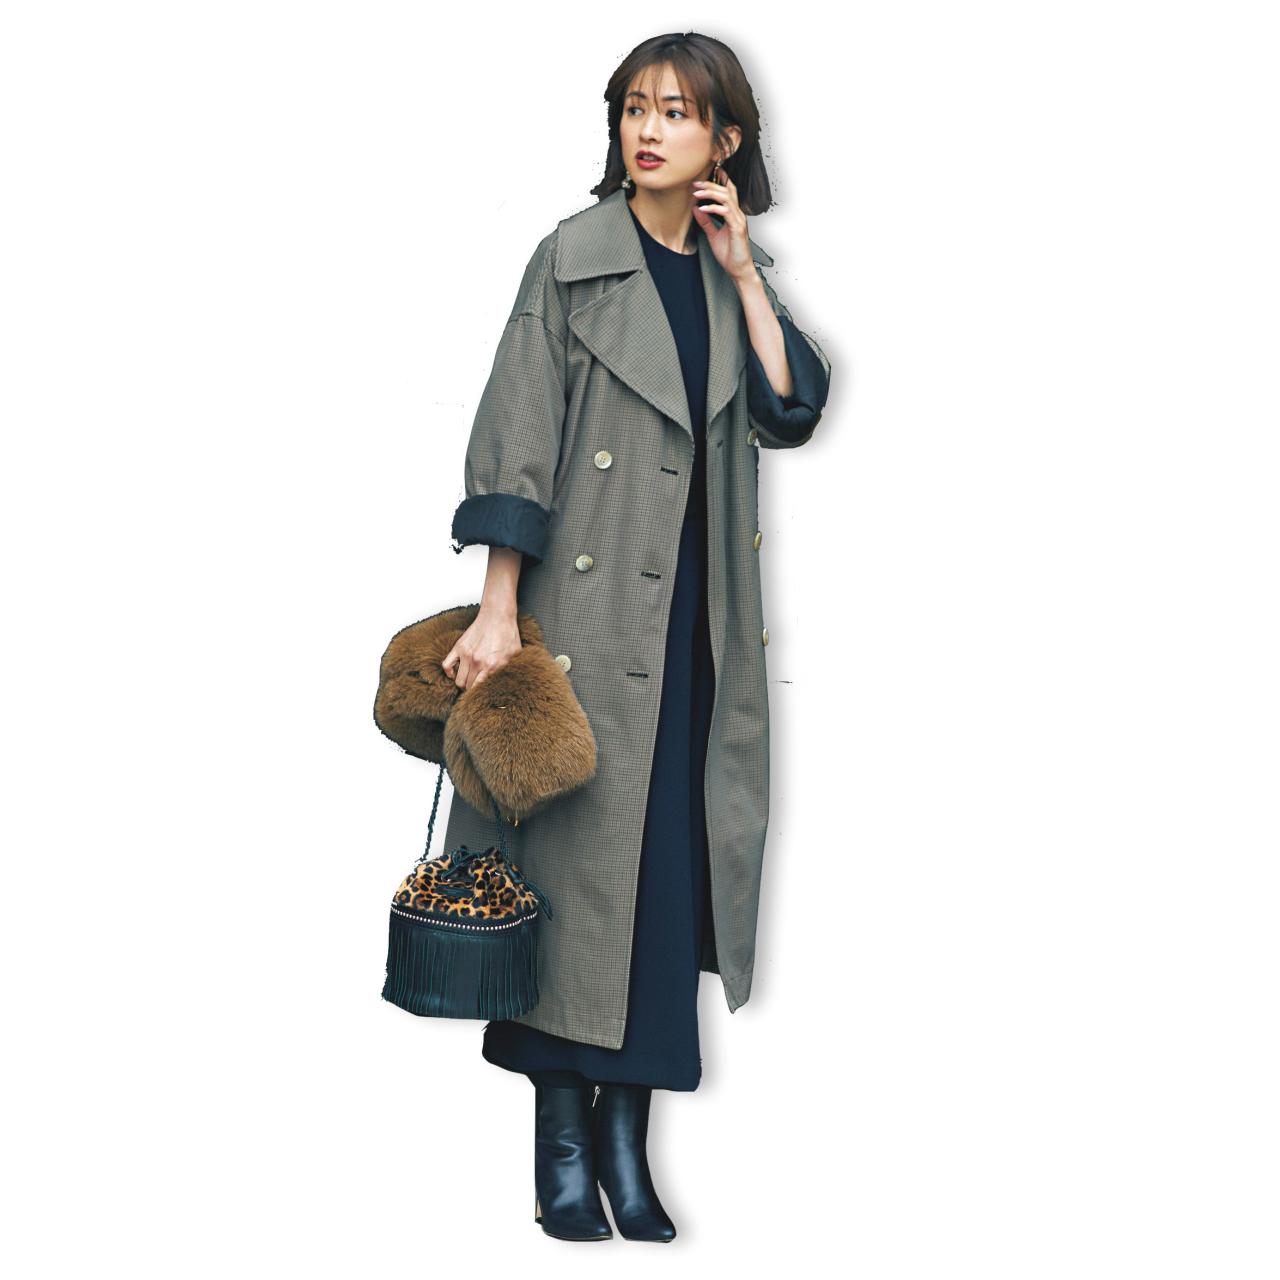 ネイビーワンピース×トレンチコートのファッションコーデ